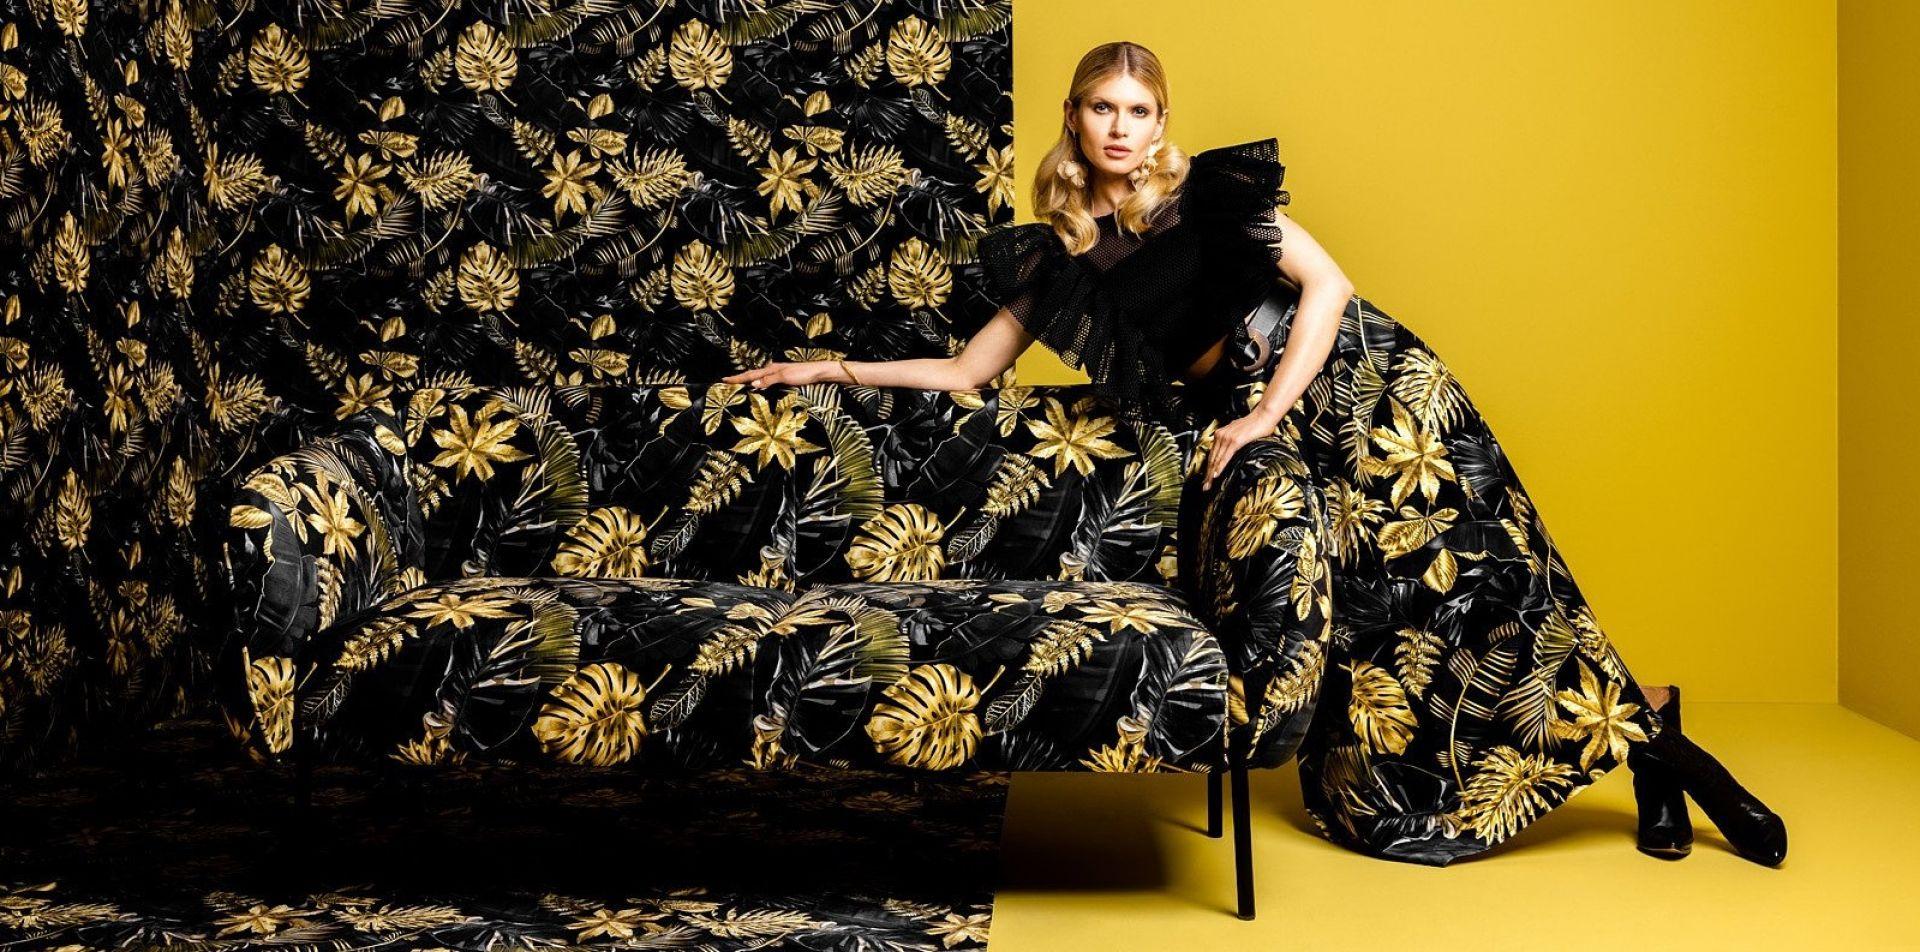 W najnowszej limitowanej kolekcji mebli wypoczynkowych Black Red White moda łączy się z oryginalnymi wzorami tkanin obiciowych. Fot. BRW